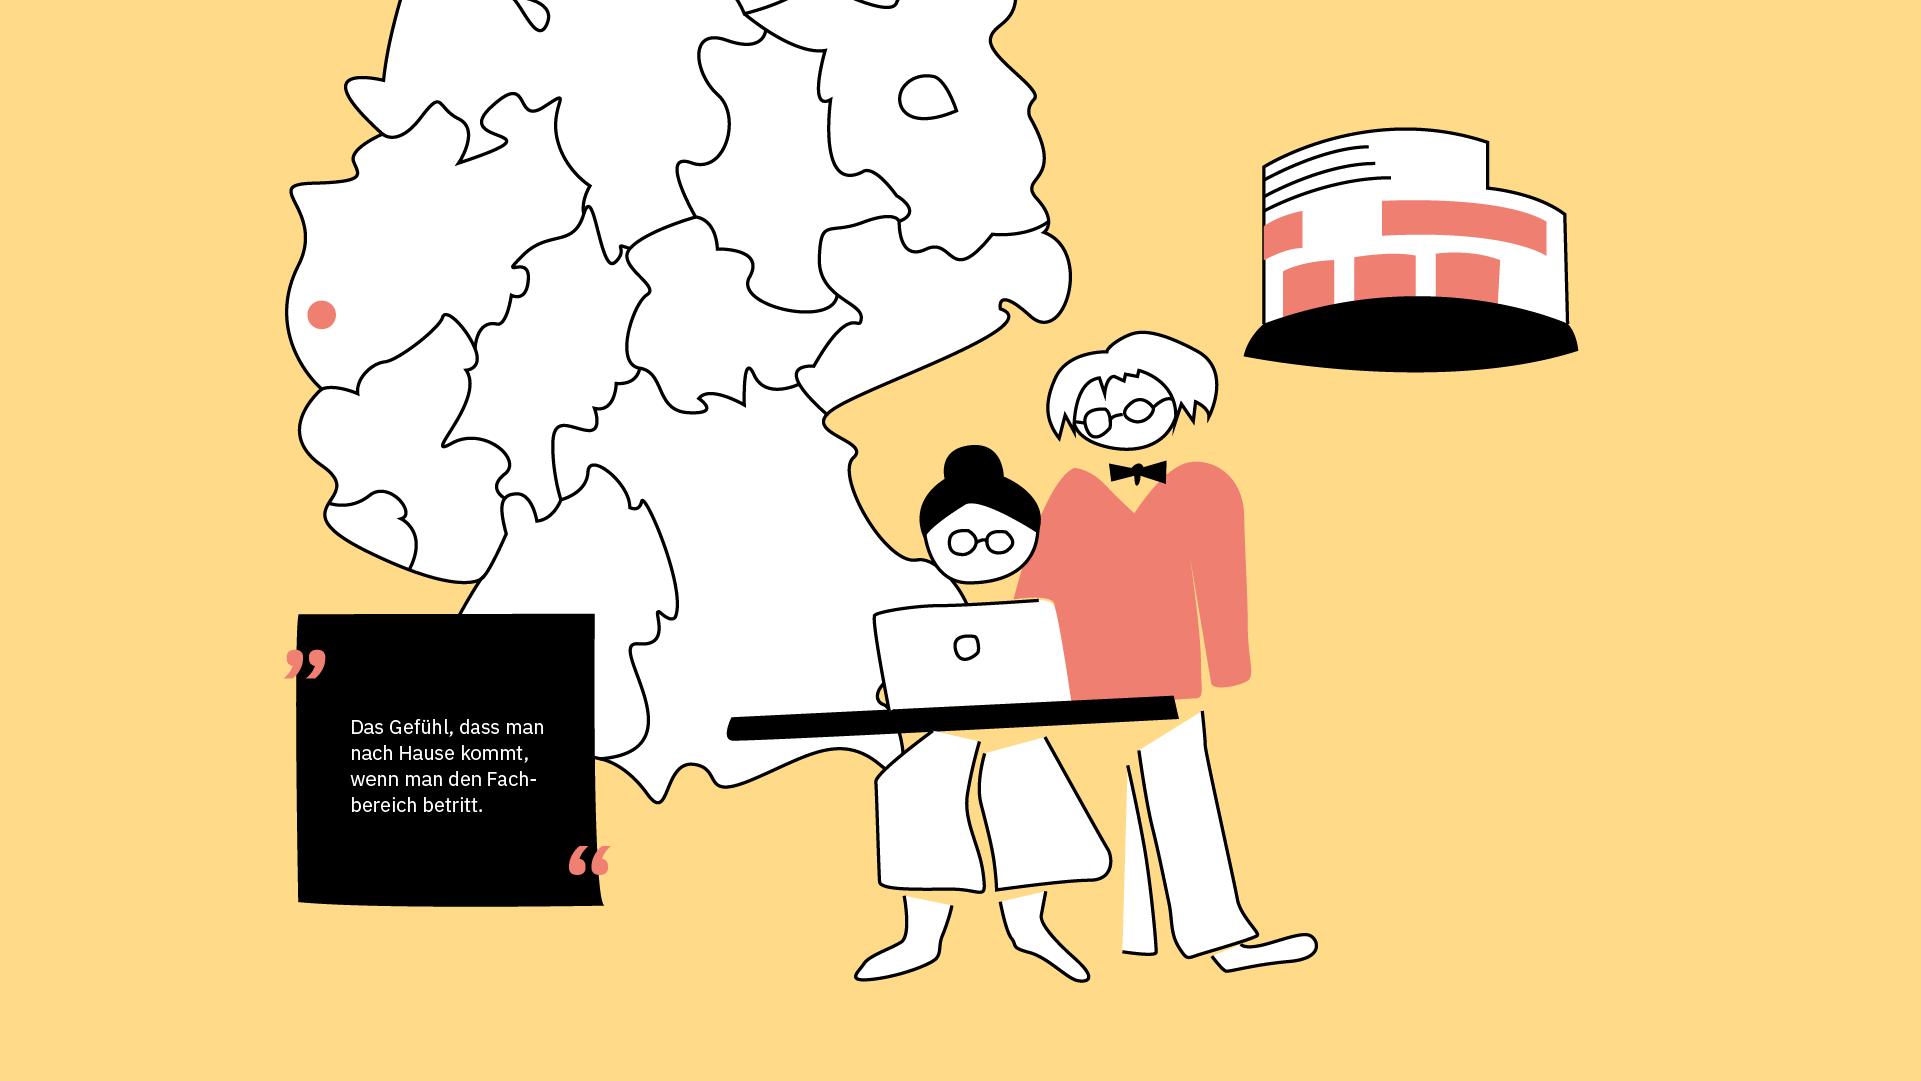 Eine Studentin sizt am Laptop und ein Professor guckt ihr über die Schulter, um zu sehen, was sie macht.